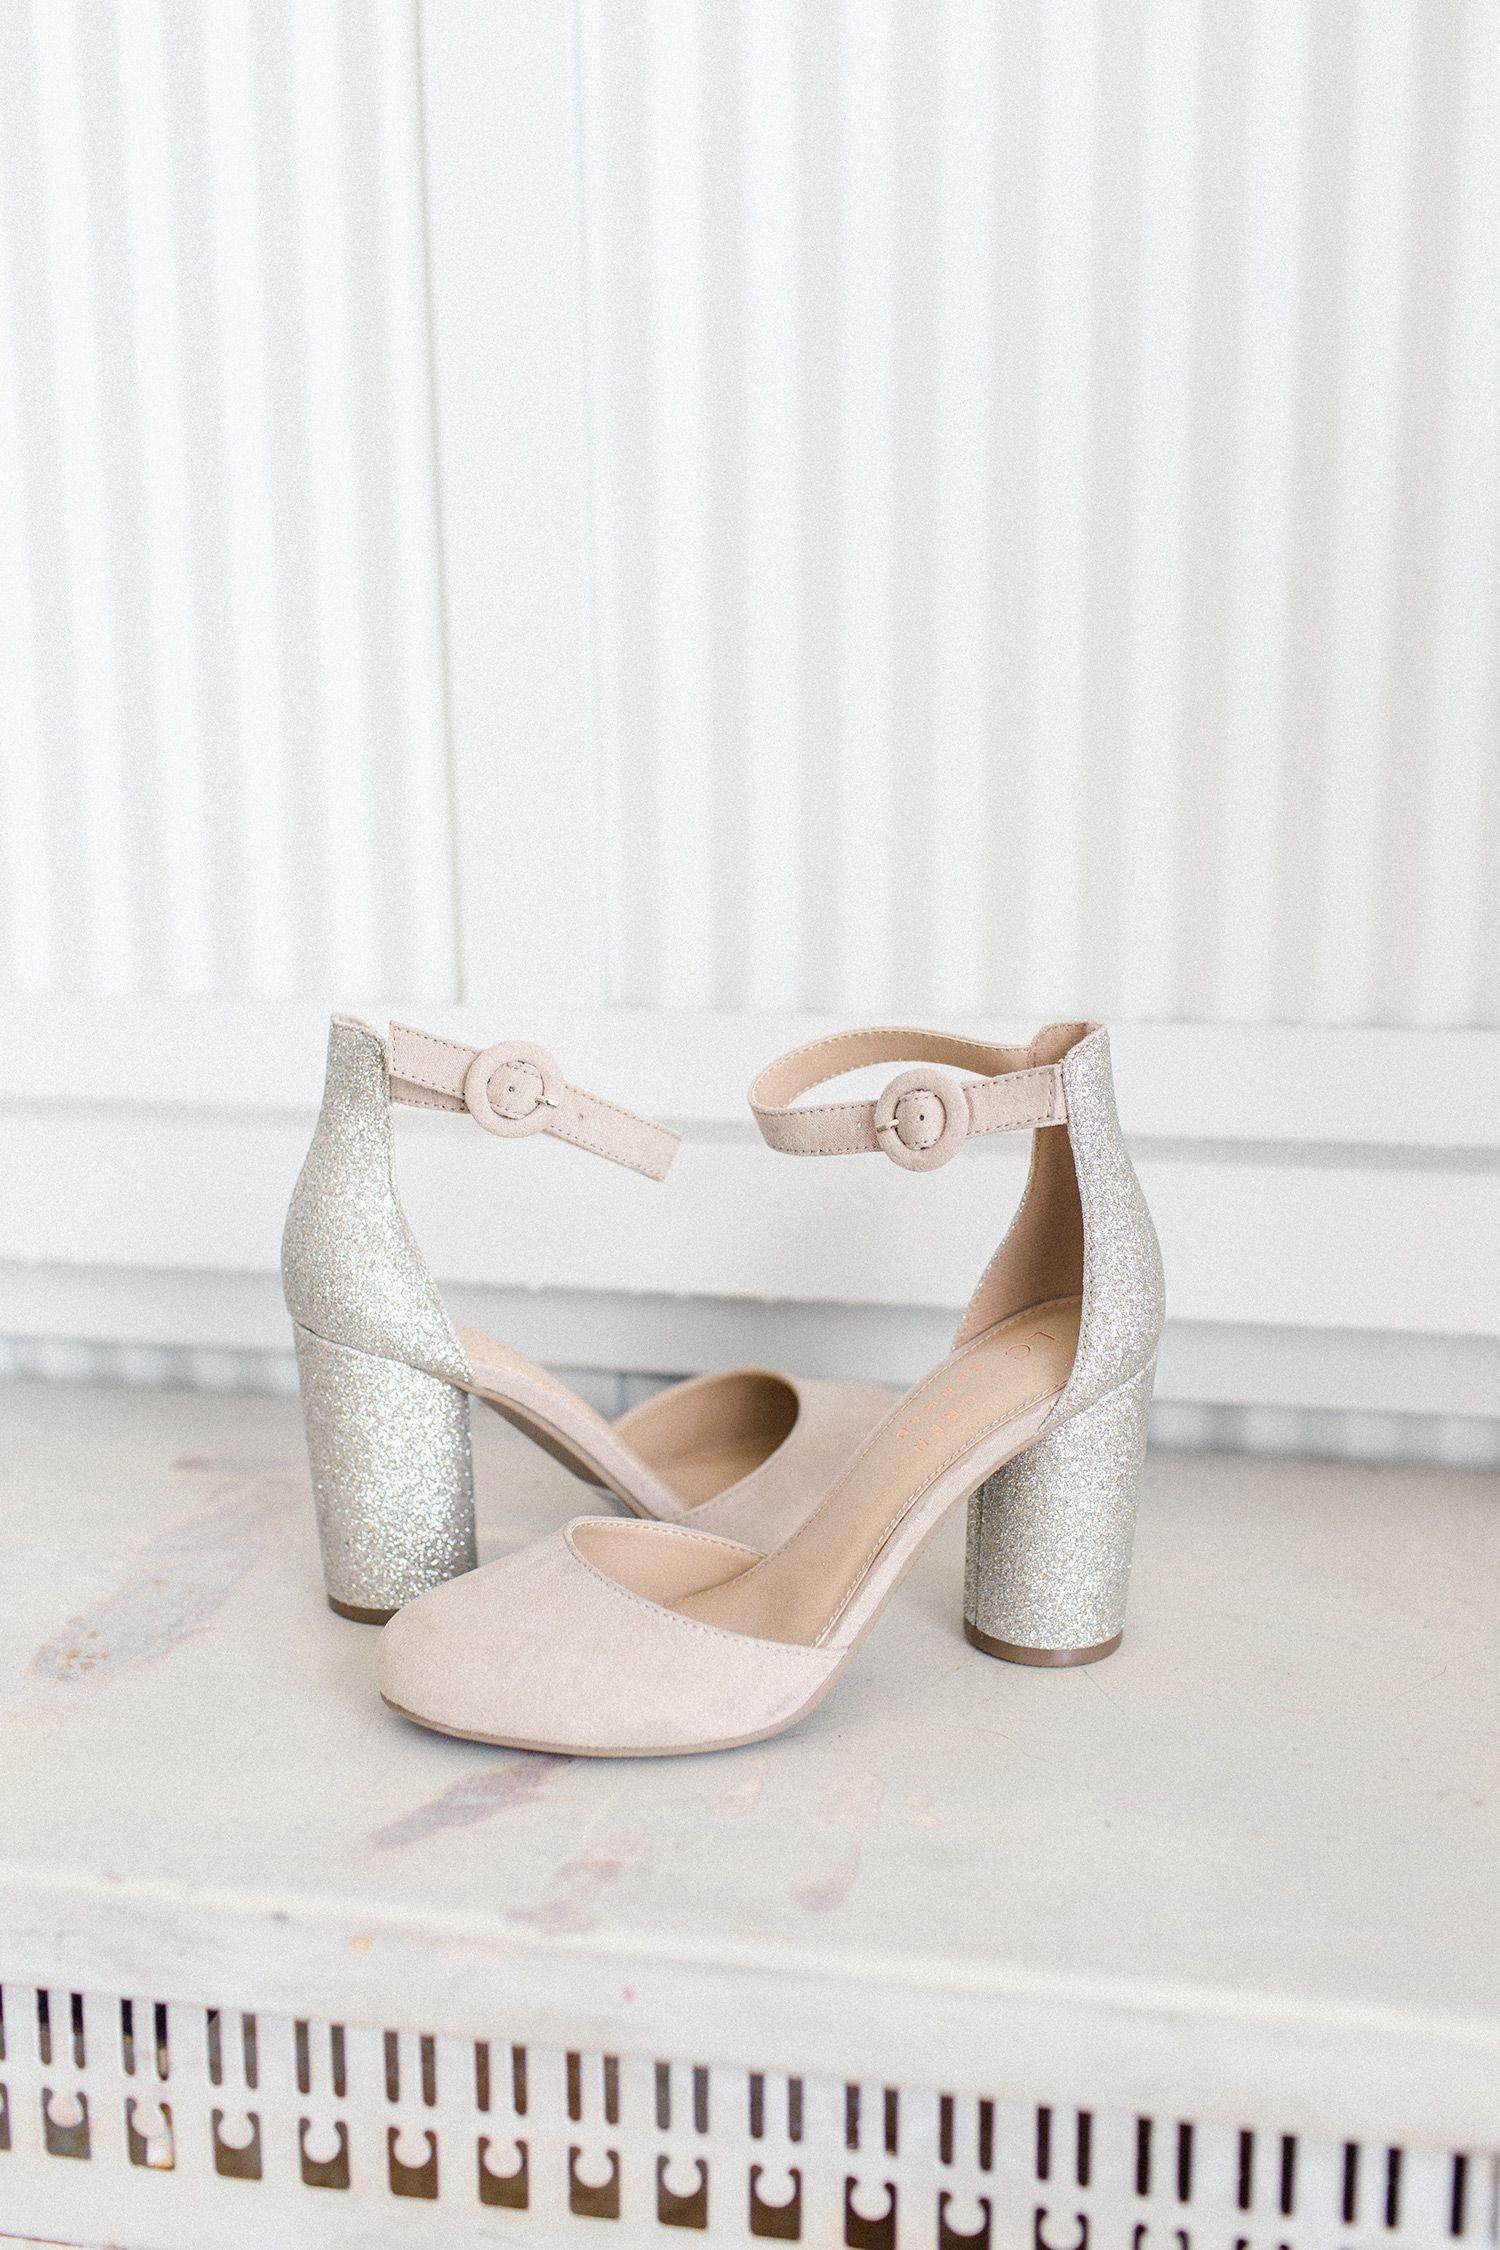 Womens high heels, Lc lauren conrad